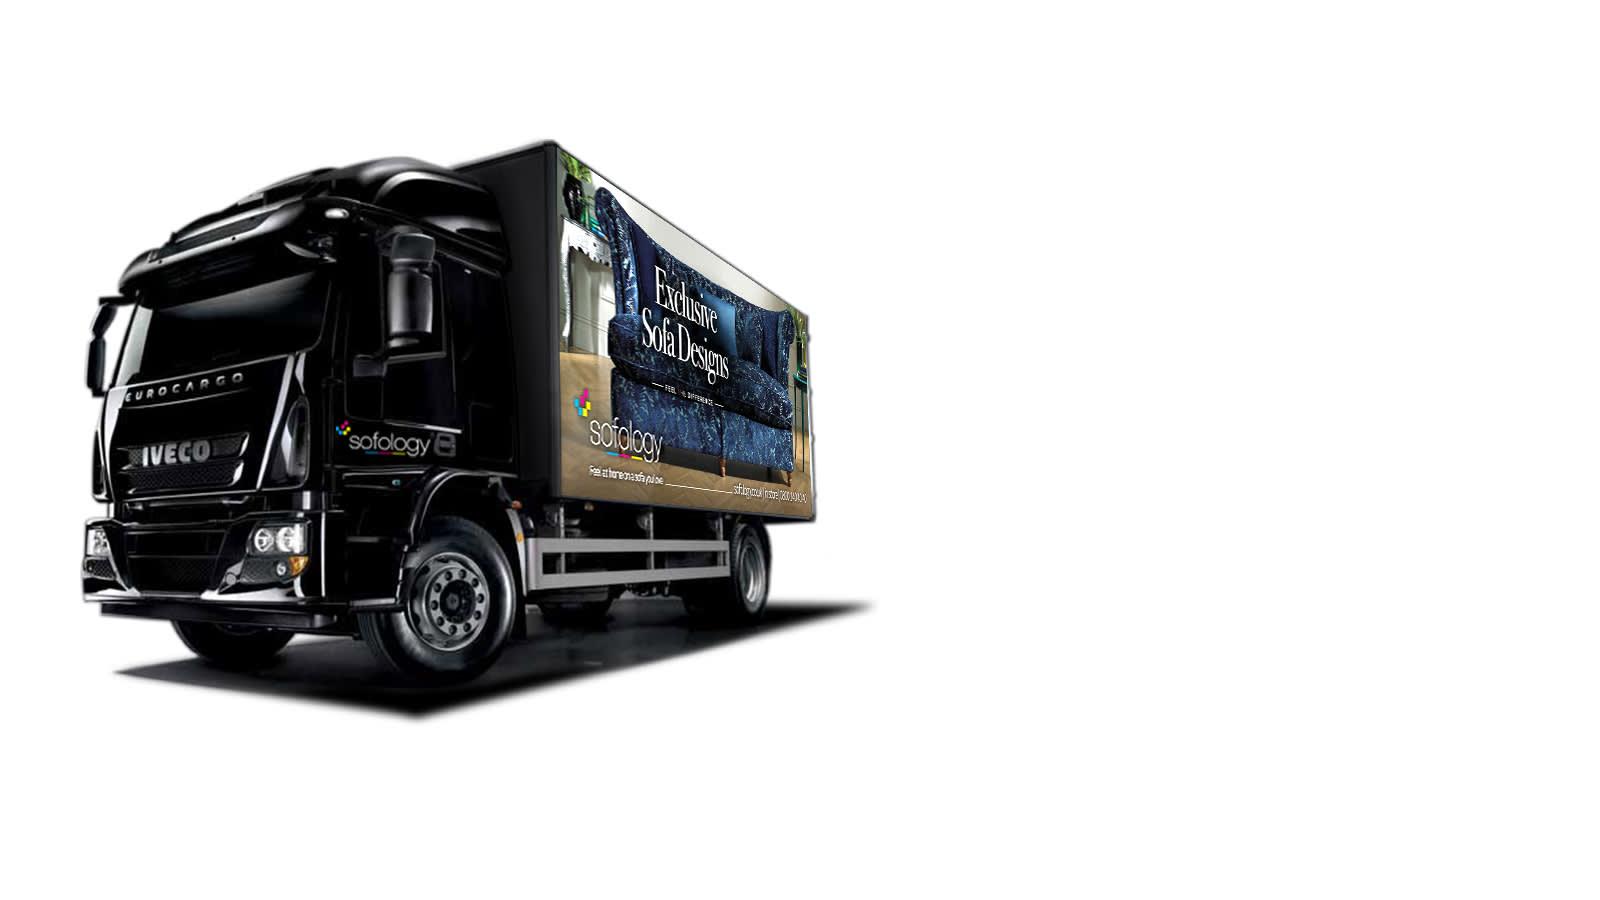 Sofology truck